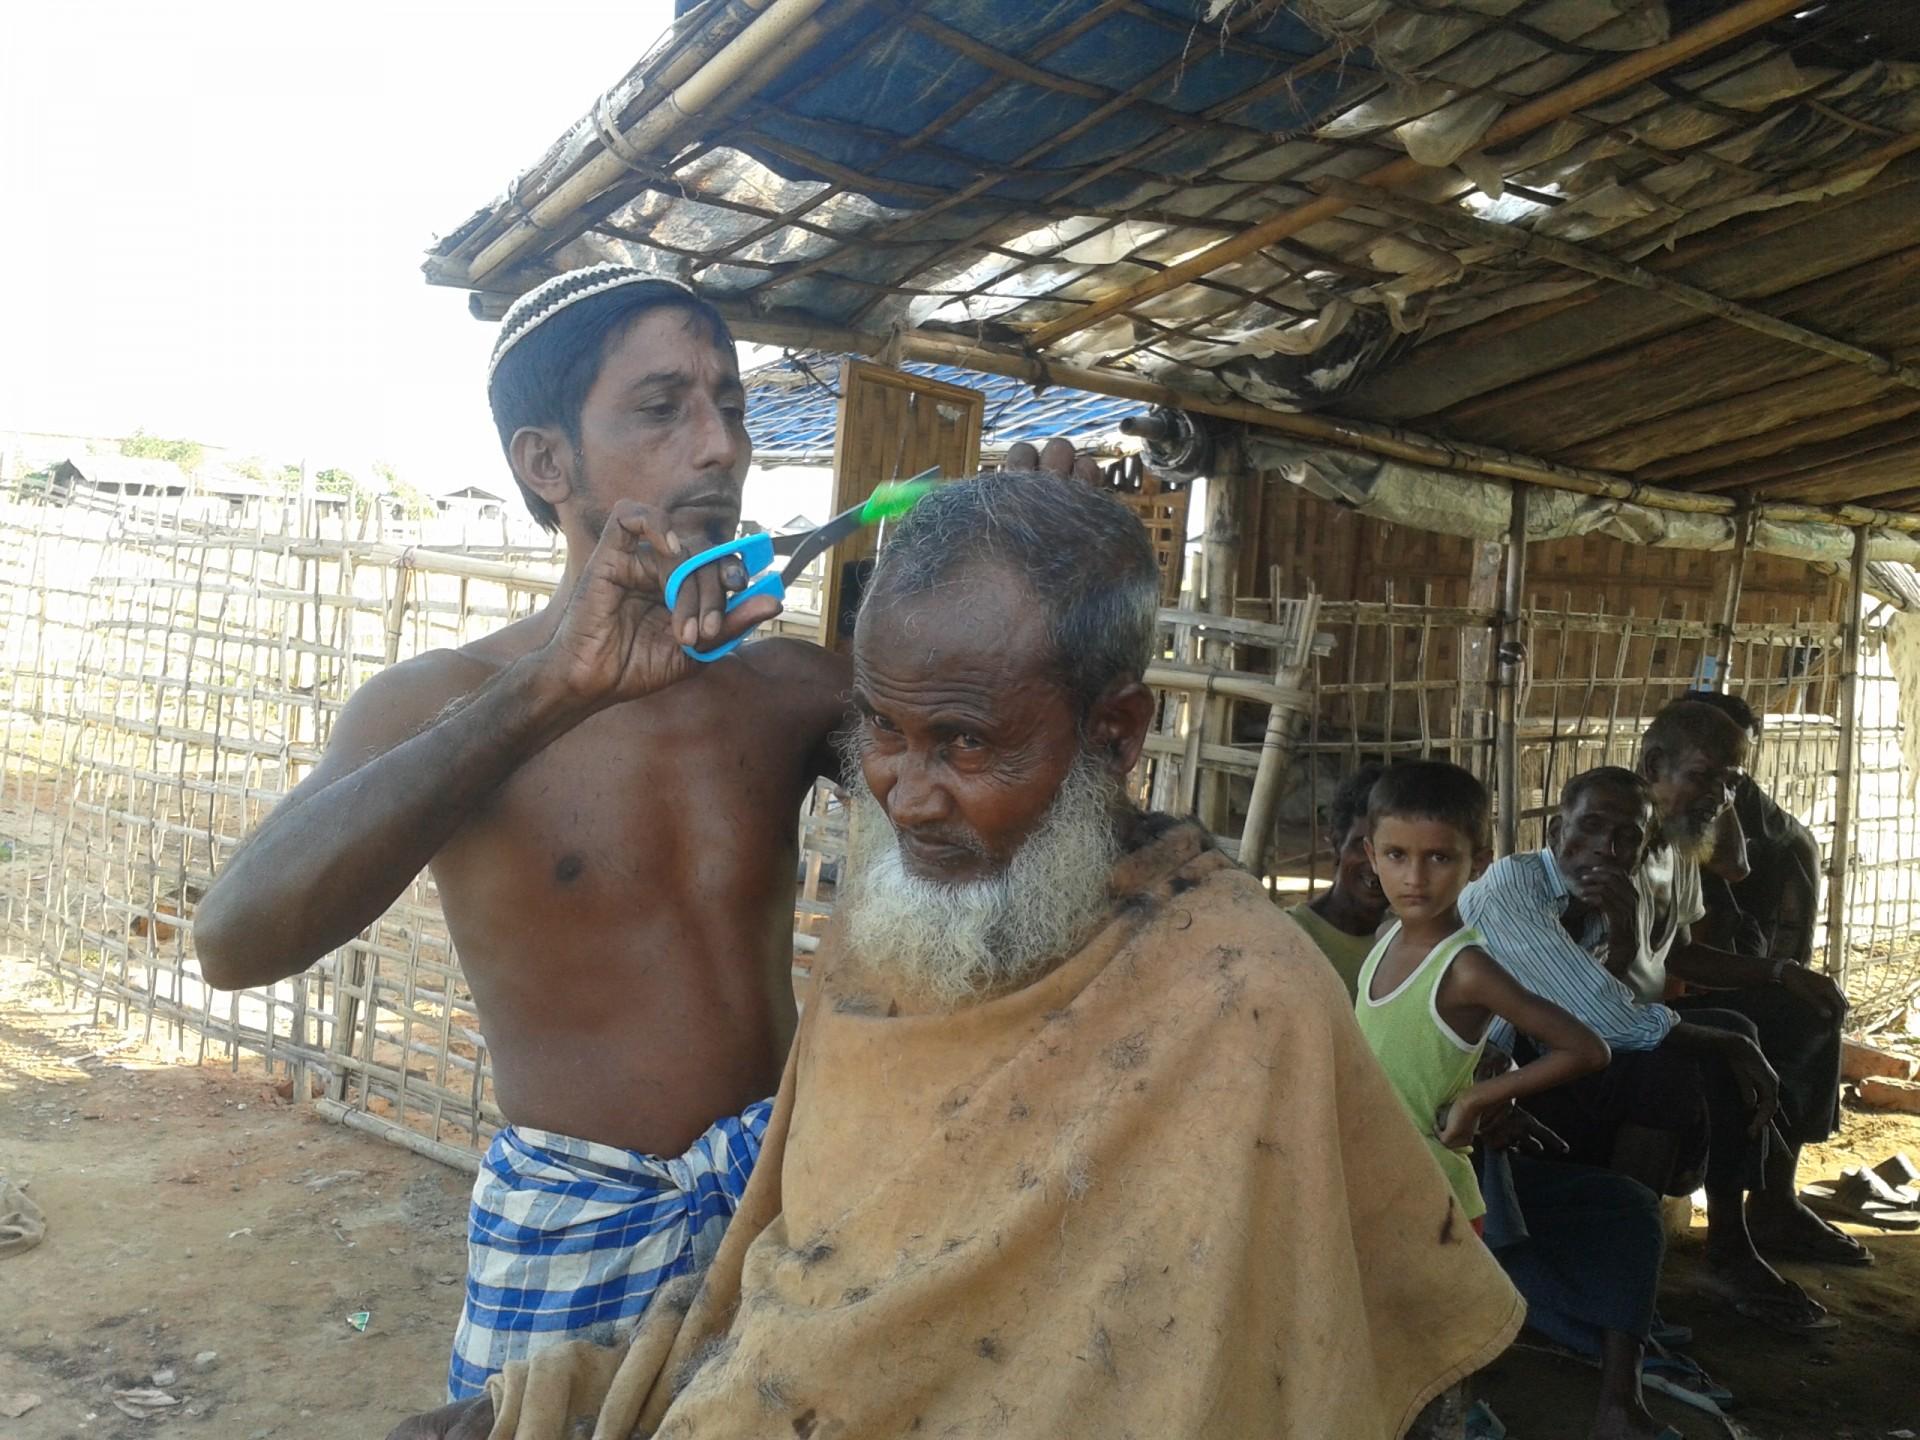 Een oudere Rohingya man laat zijn haar knippen in een vluchtelingenkamp in west-Birma